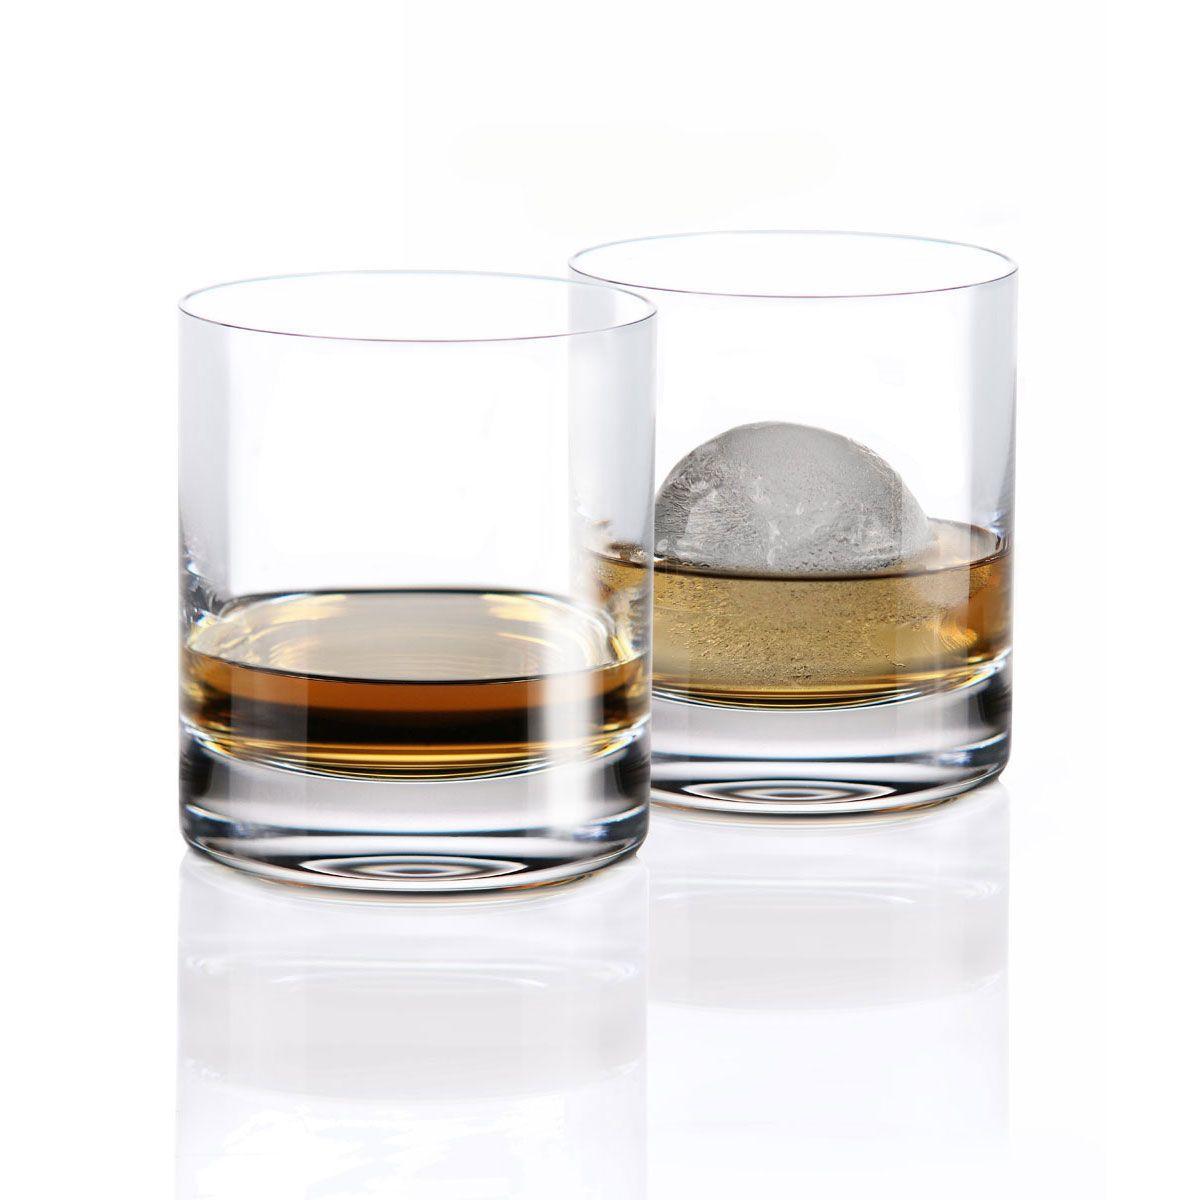 Cashs ireland grand cru handmade irish whiskey dof